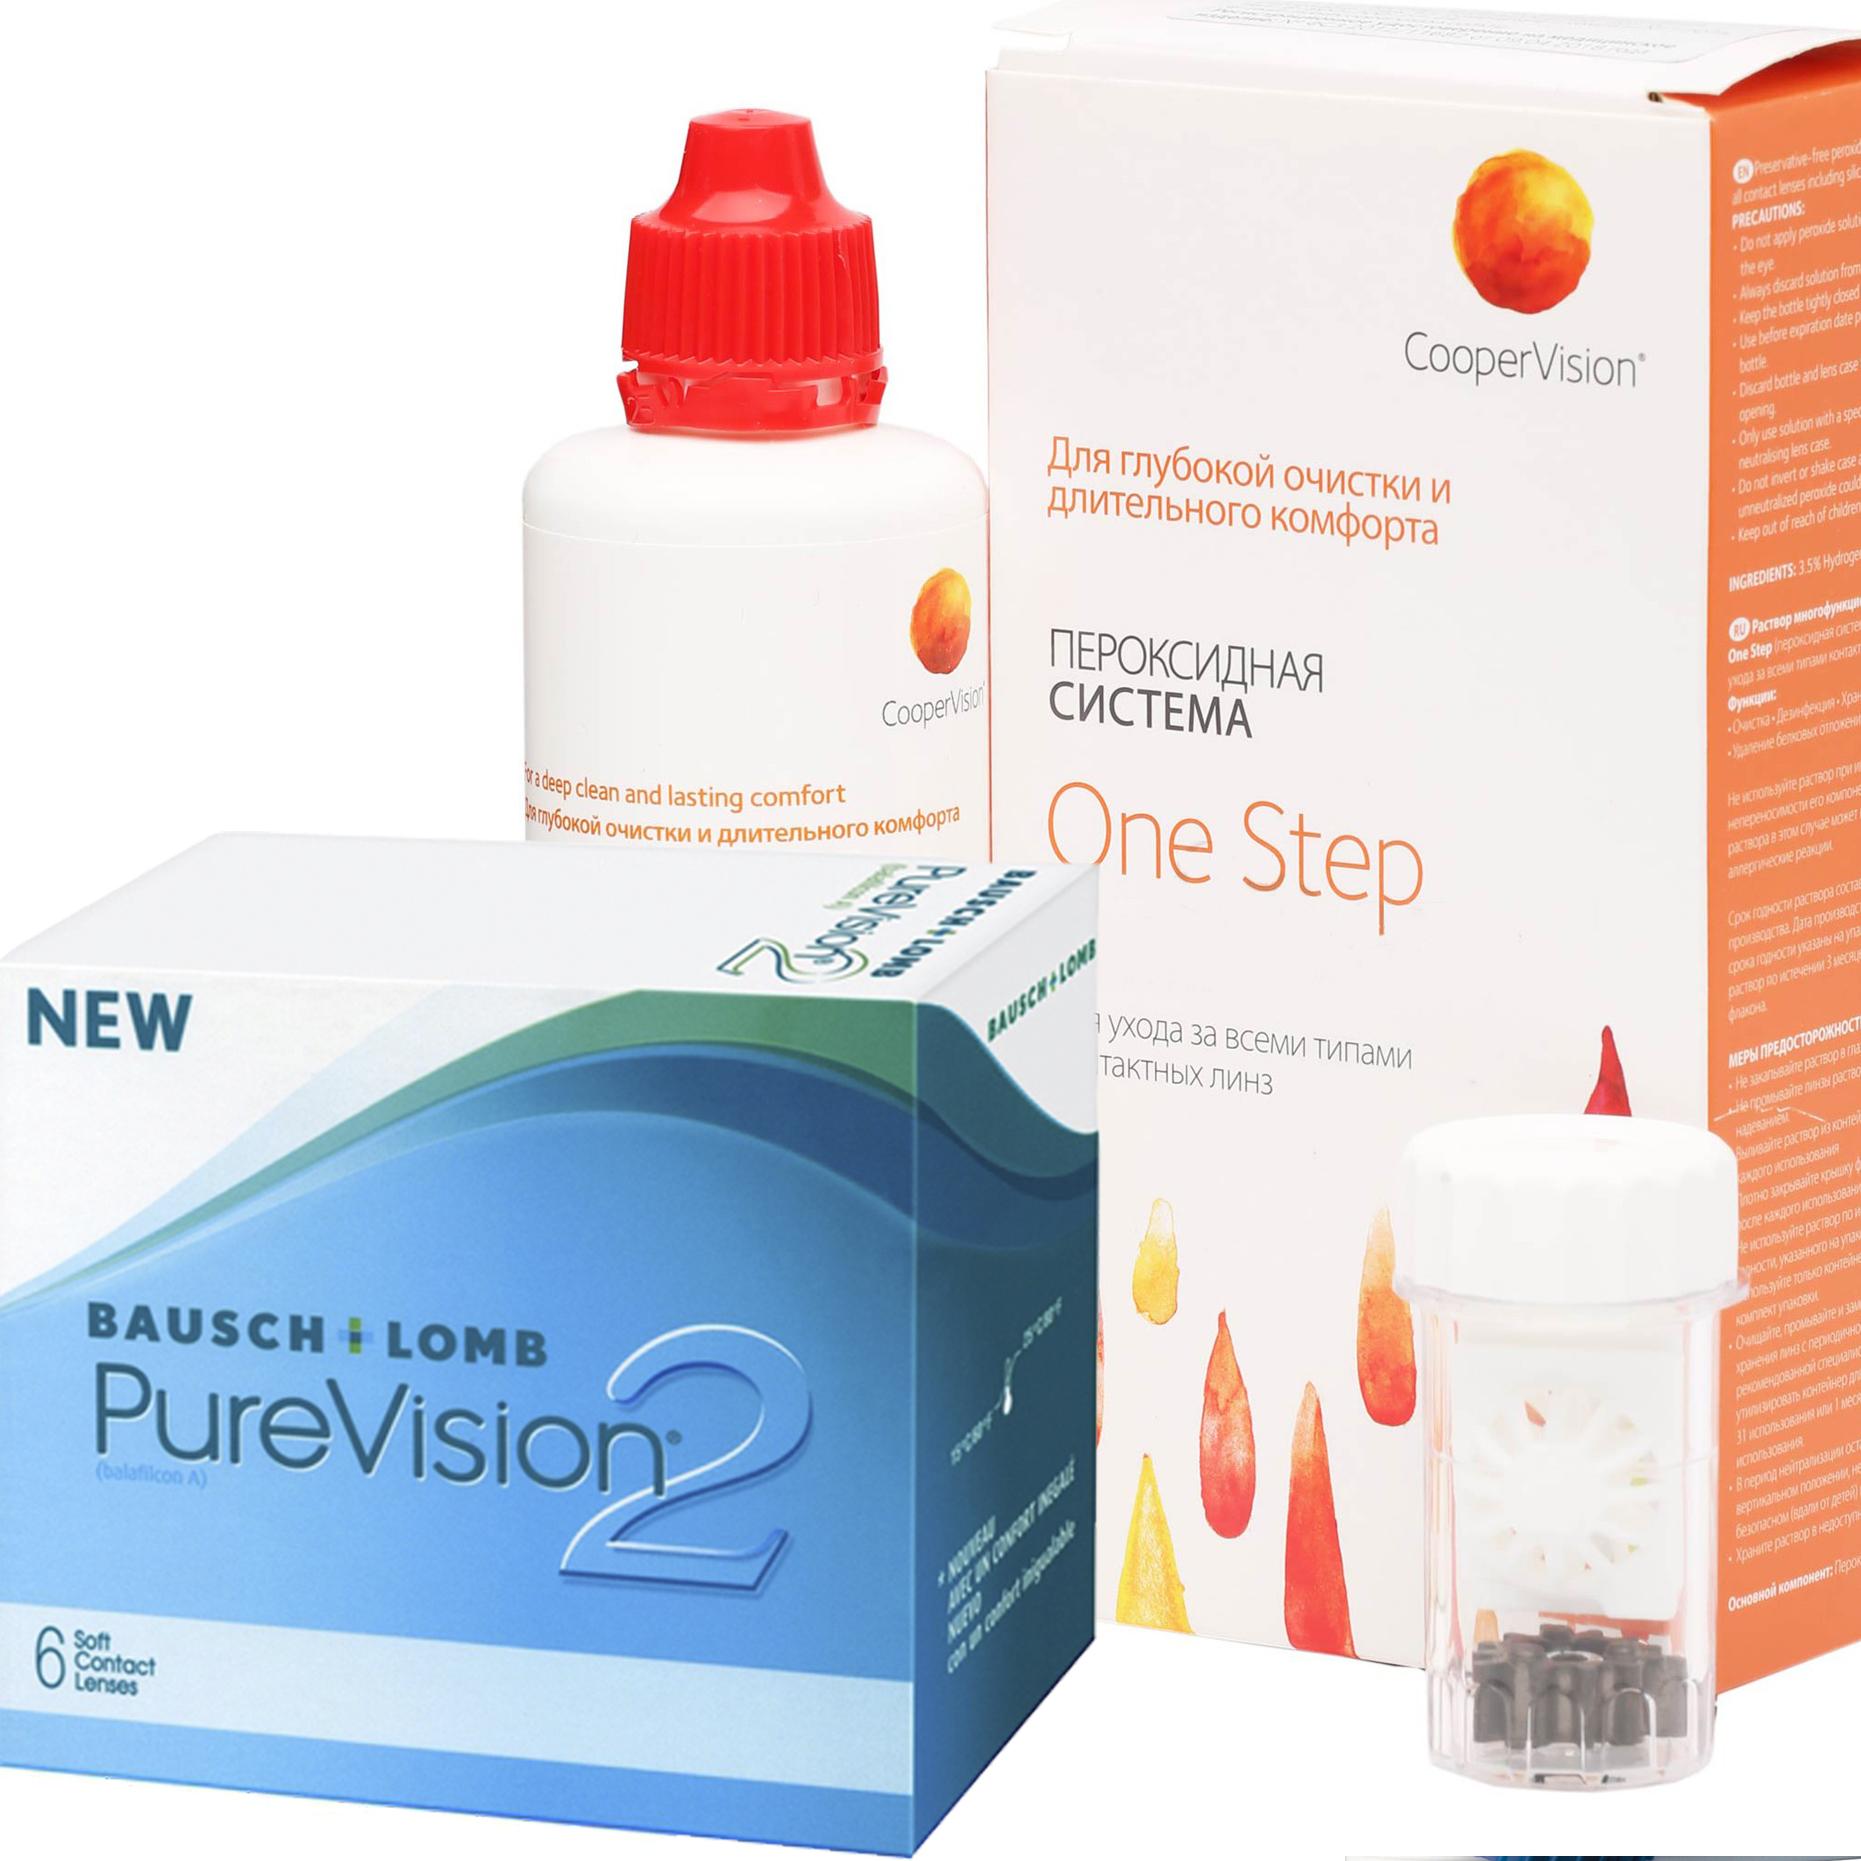 Купить 2 6 линз + One Step, Контактные линзы PureVision 2 6 линз R 8.6 -7, 00 + Раствор One Step 360 мл